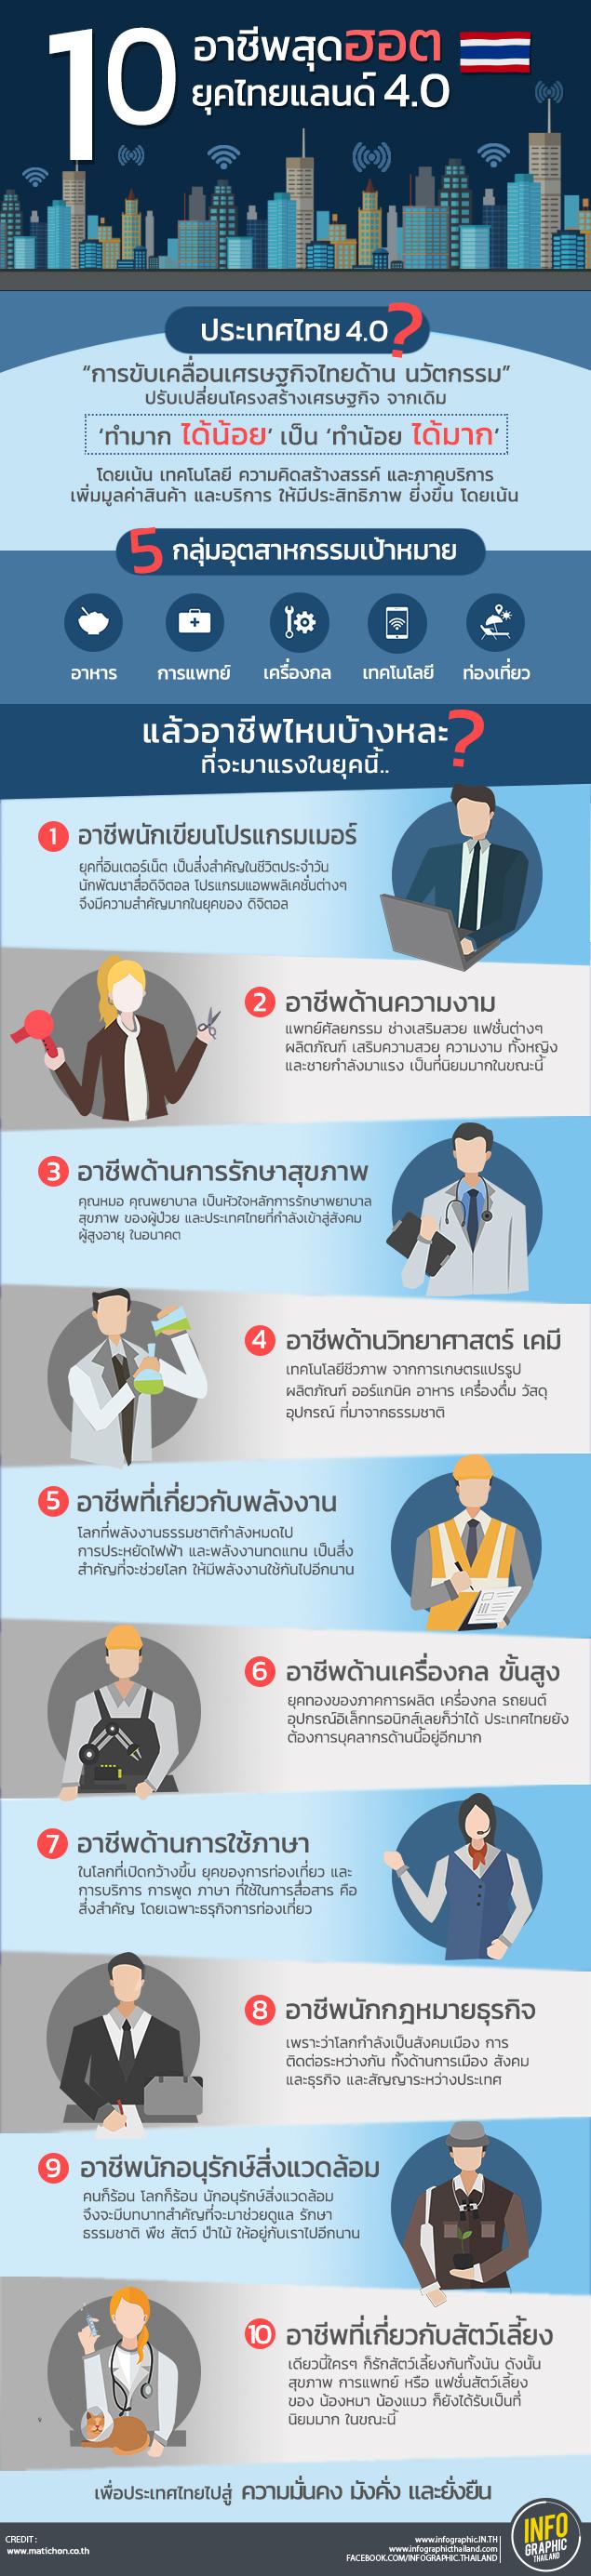 10 อาชีพสุดฮอตยุคไทยแลน์4.0